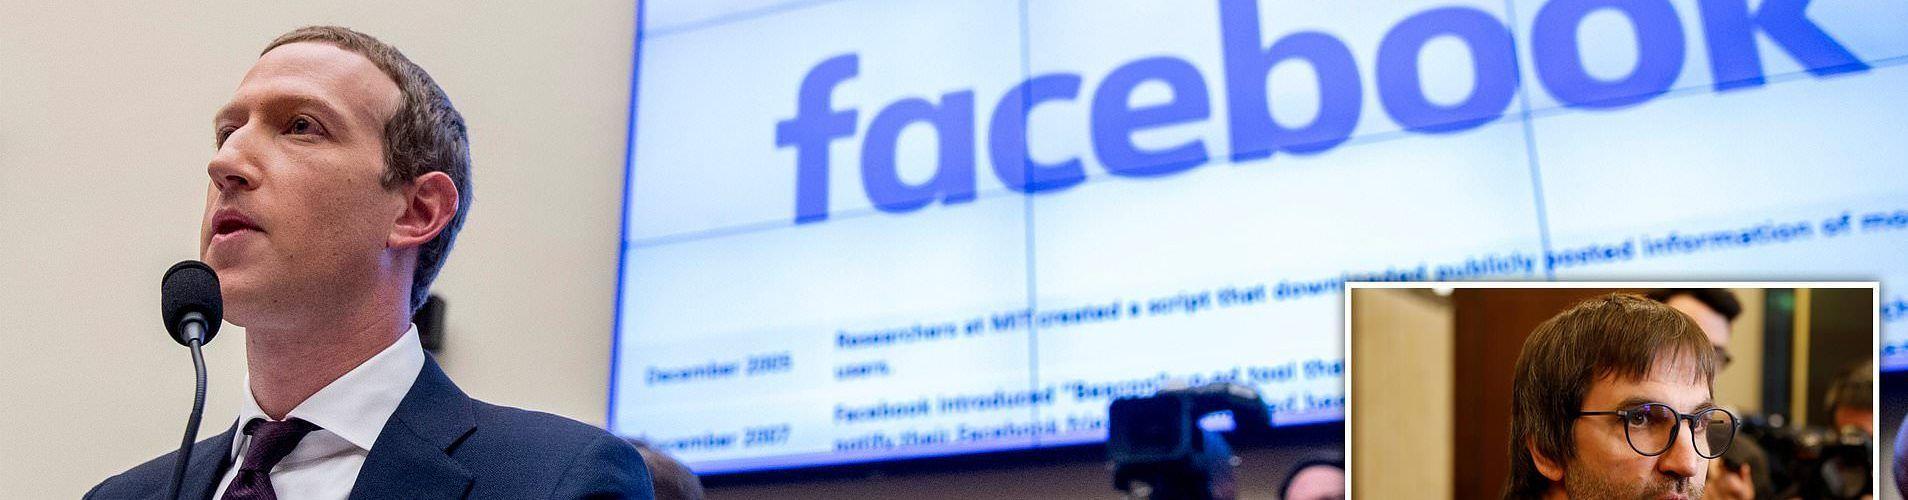 Канада също ще иска Facebook да си плаща за новинарските материали